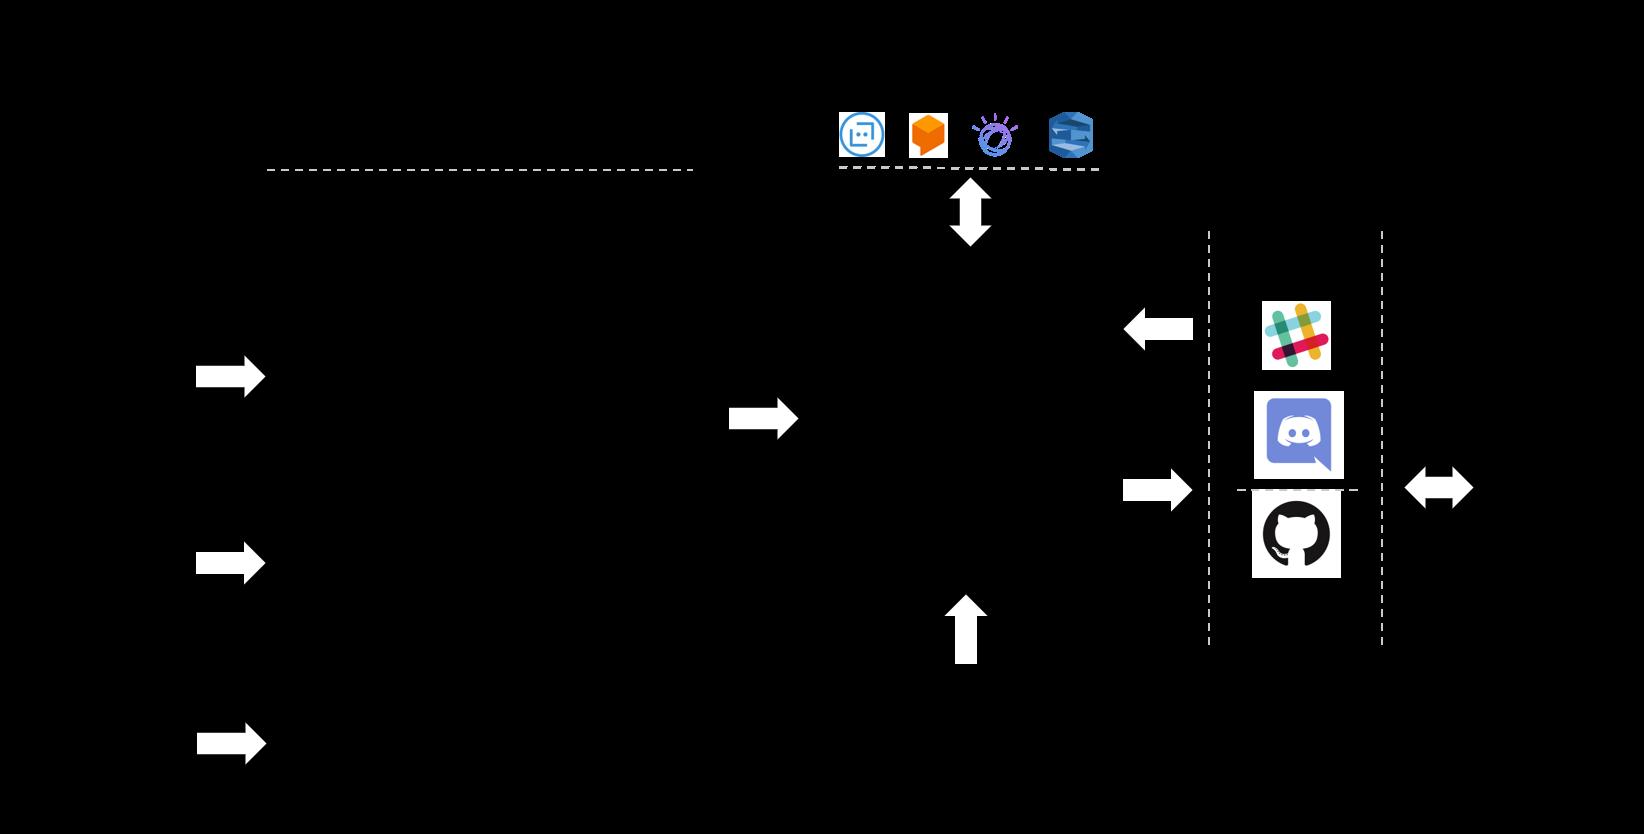 Figure 1. Jarvis Framework OverviewFigure 1. Jarvis Framework Overview